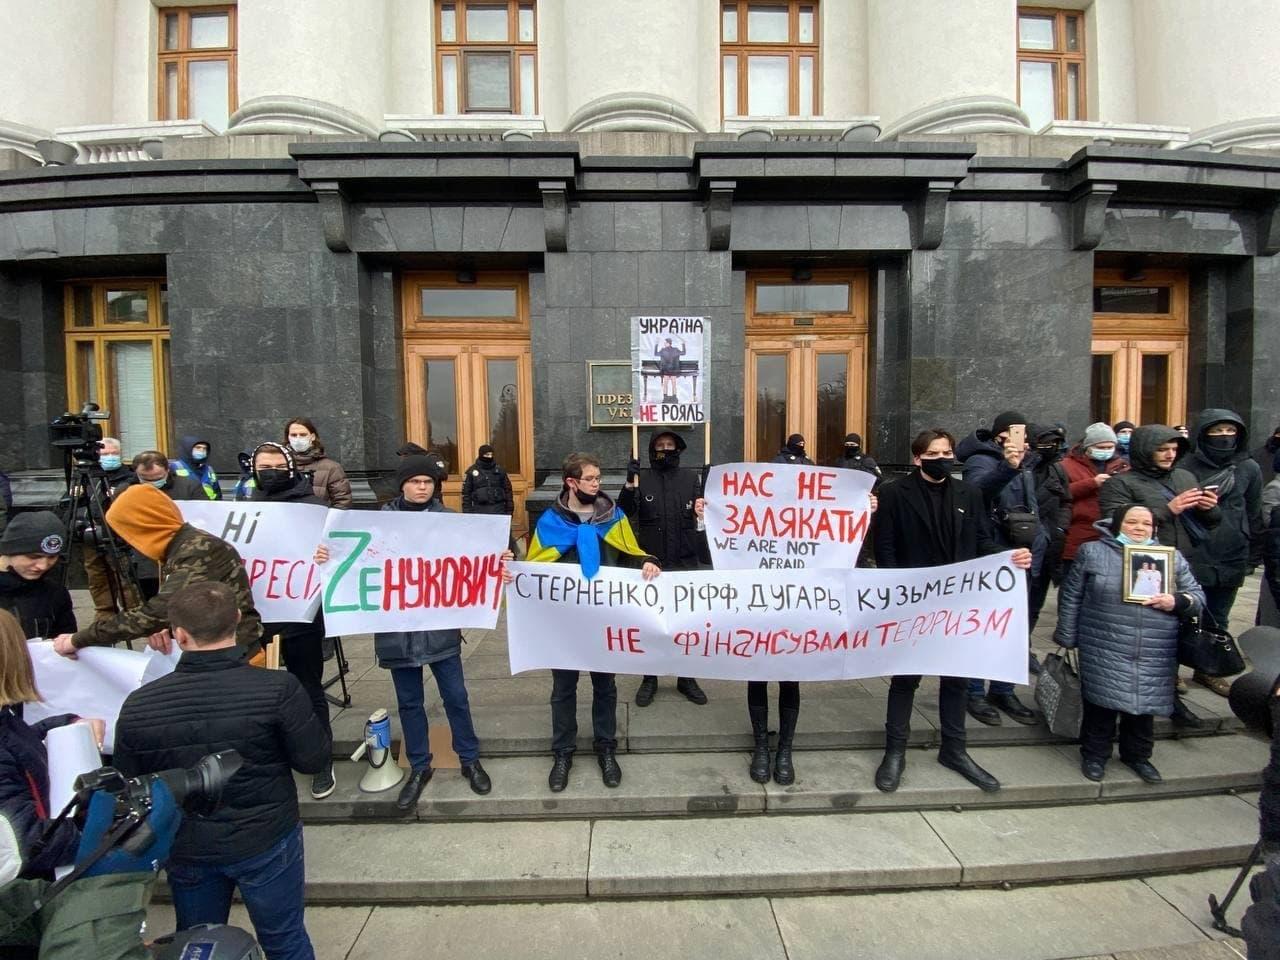 У Києві активісти на підтримку Стерненка крокують до Генпрокуратури: уся колона в диму (фото) - фото 7